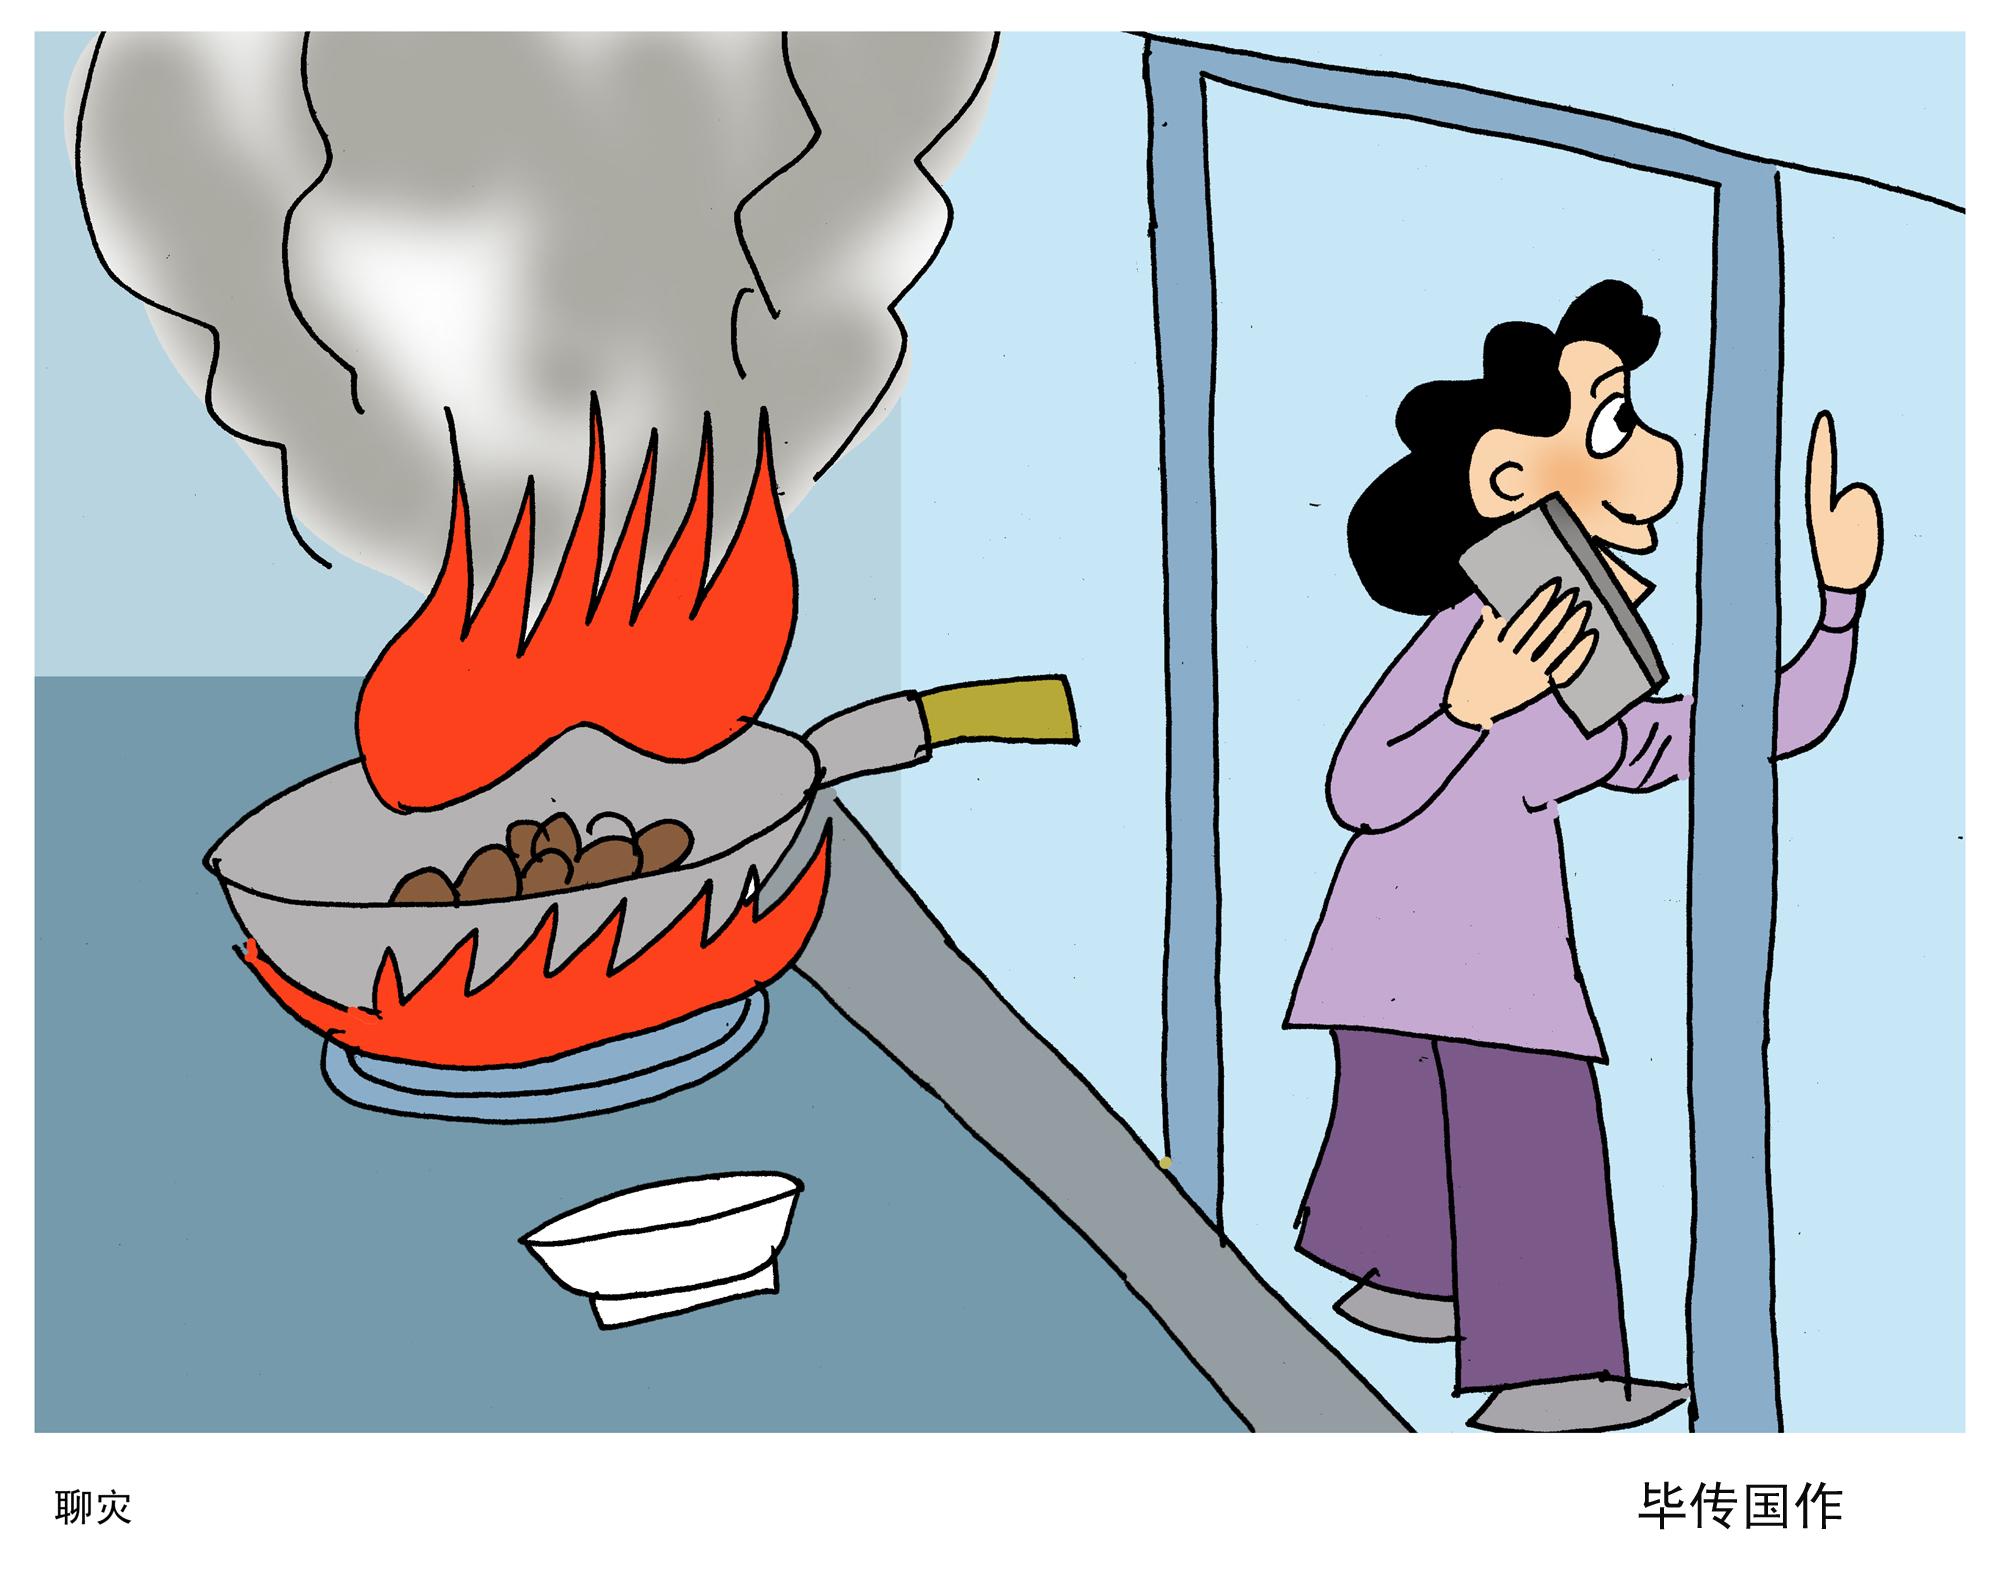 家庭煤气堔头接线图